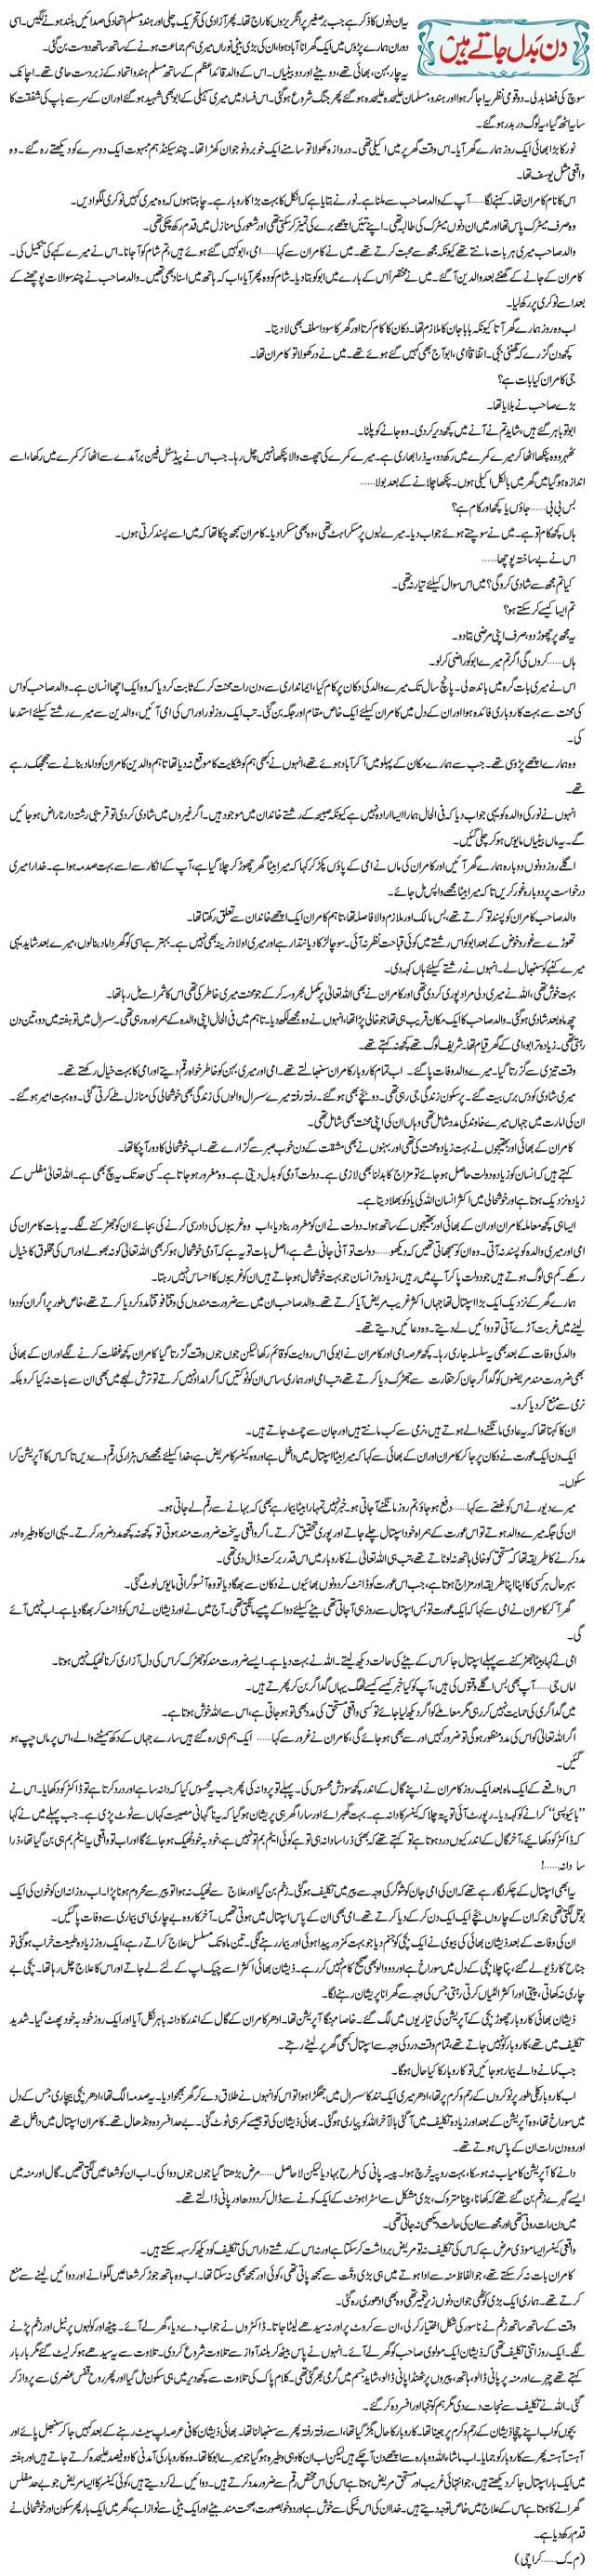 din-badal-jatey-hain-teen-auratien-teen-kahaniyan-akhbar-e-jehan-magazine